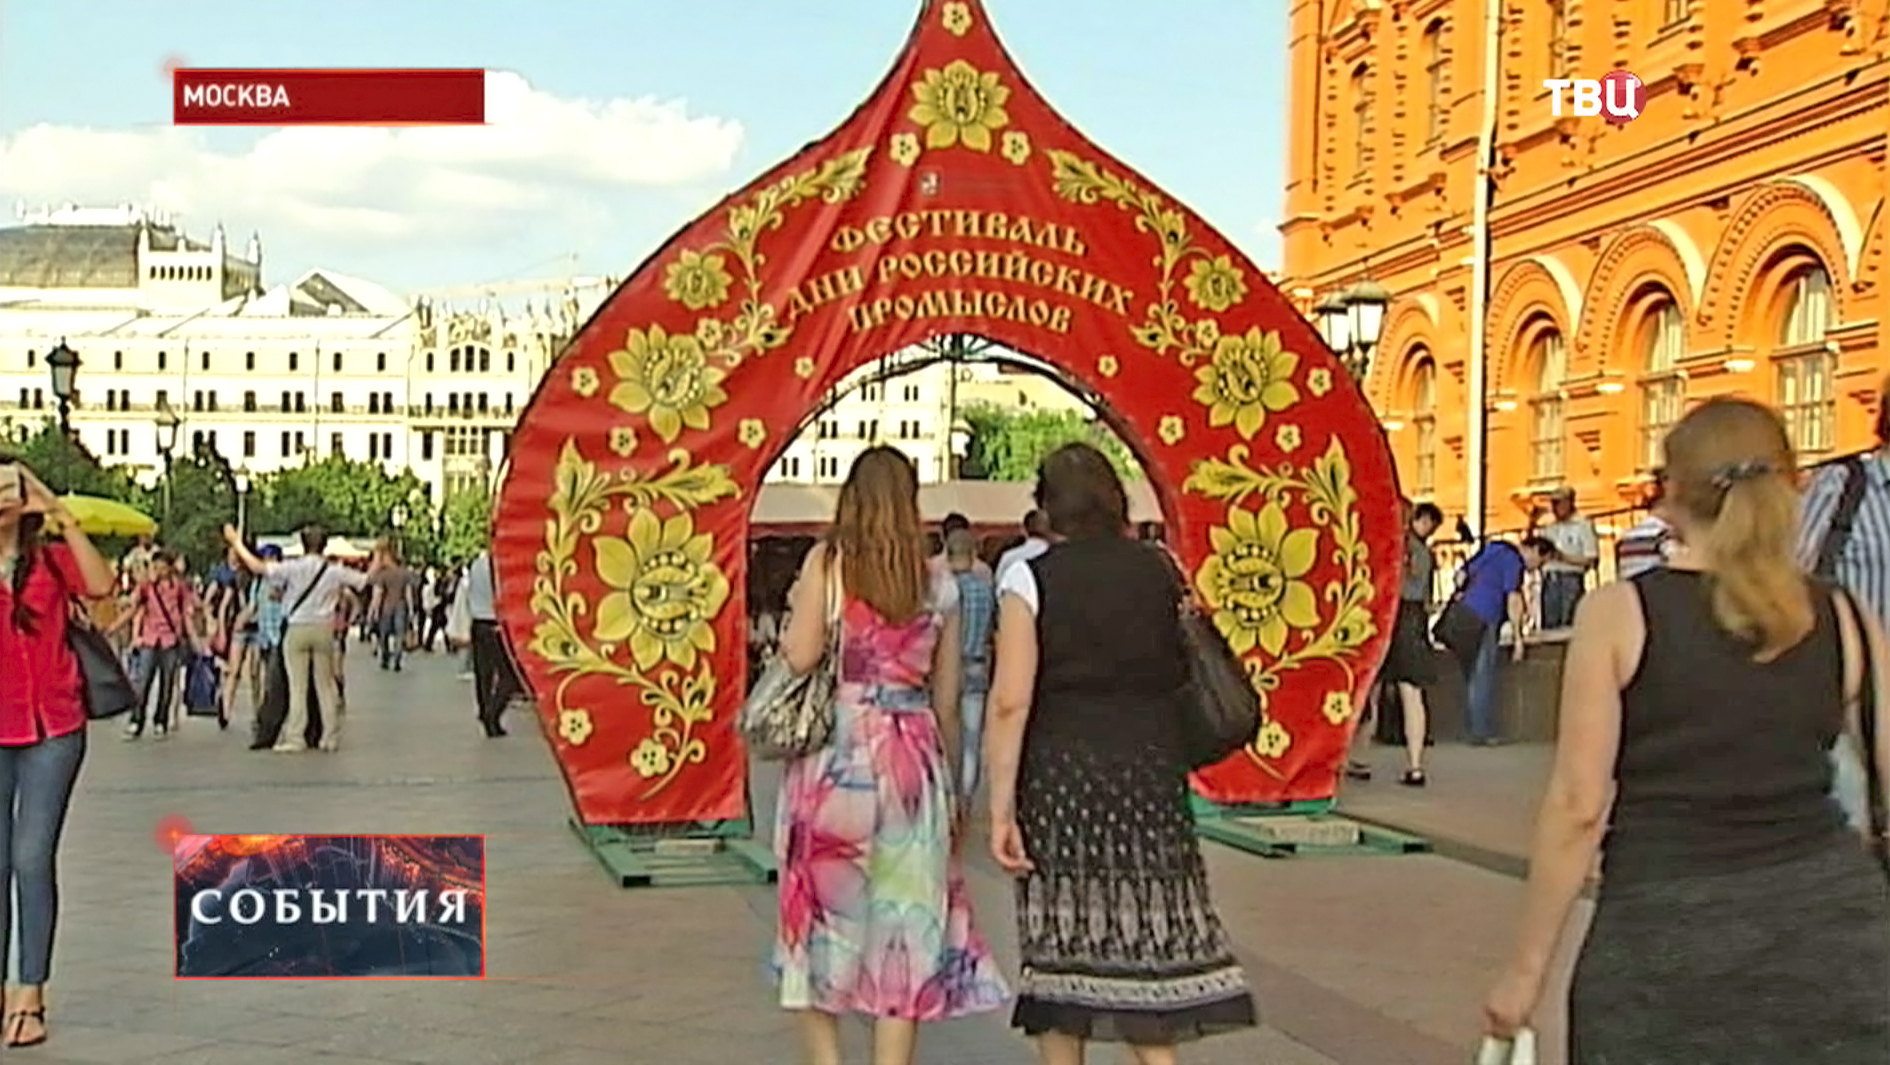 Фестиваль дни российских промыслов